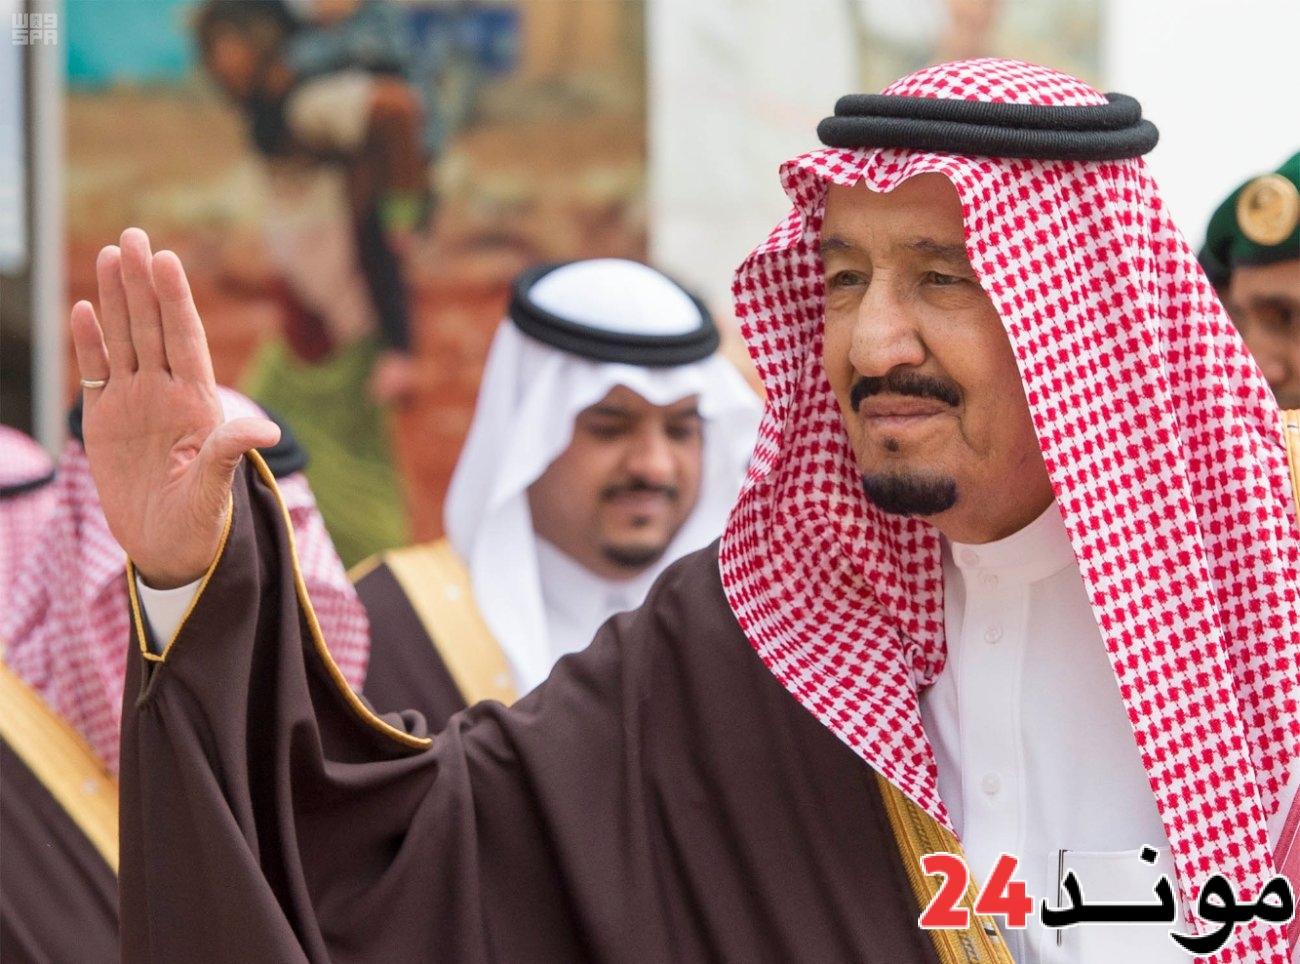 """الملك سلمان بن عبد العزيز يفتتح رسميًا فعاليات """"منتدى الرياض الدولي الإنساني الأول"""" ويدشن """"المنصة السعودية للمساعدات"""""""